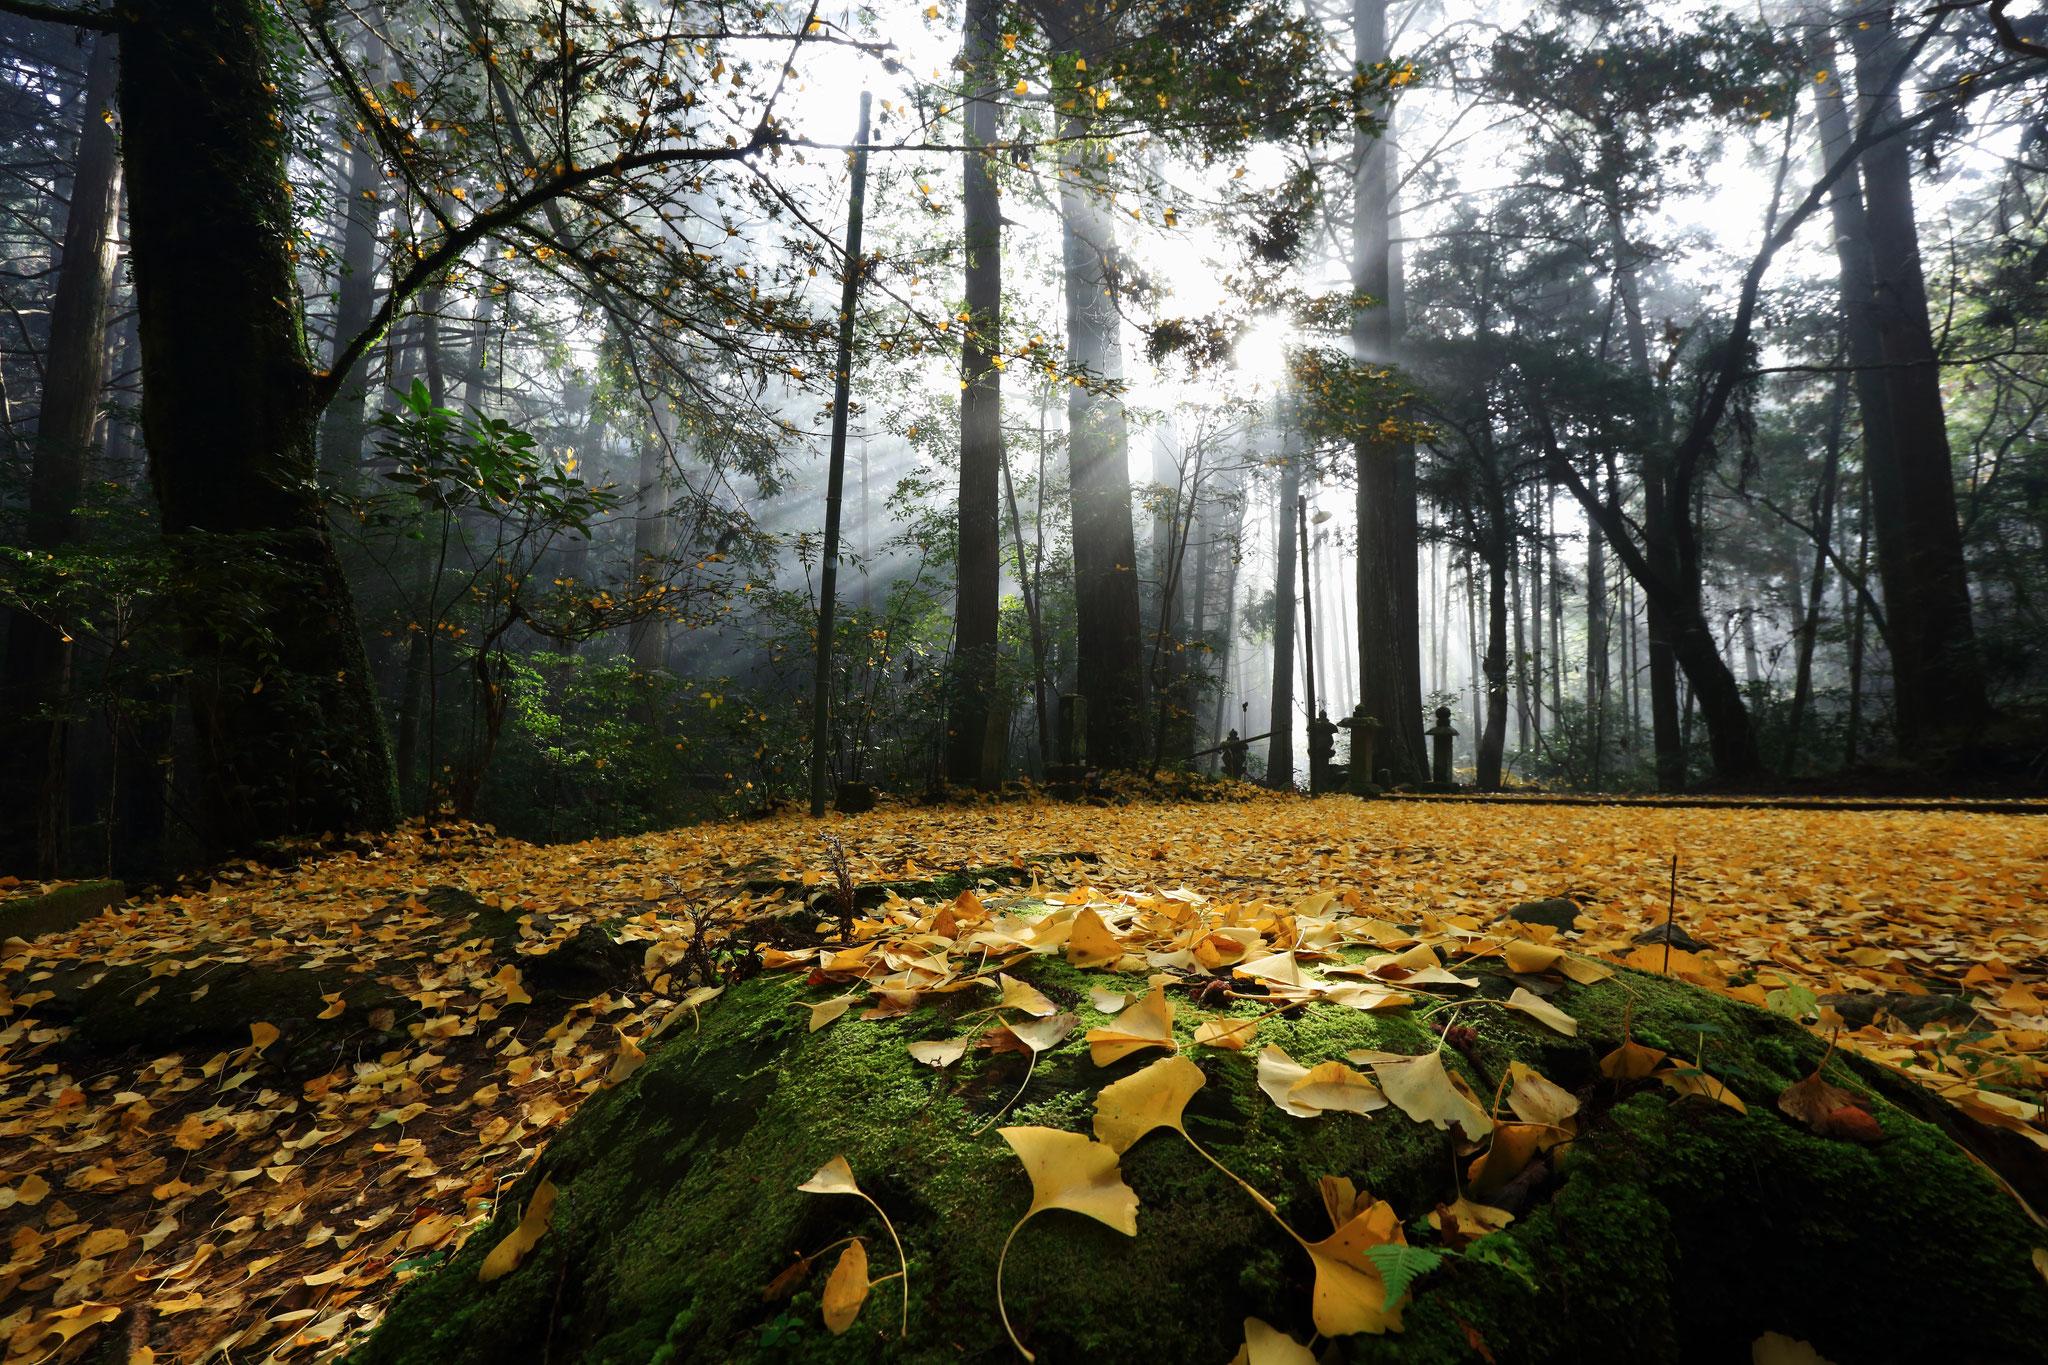 黄色の絨毯の上で朝陽が降り注ぐ(11/30 熊本県あさぎり町)